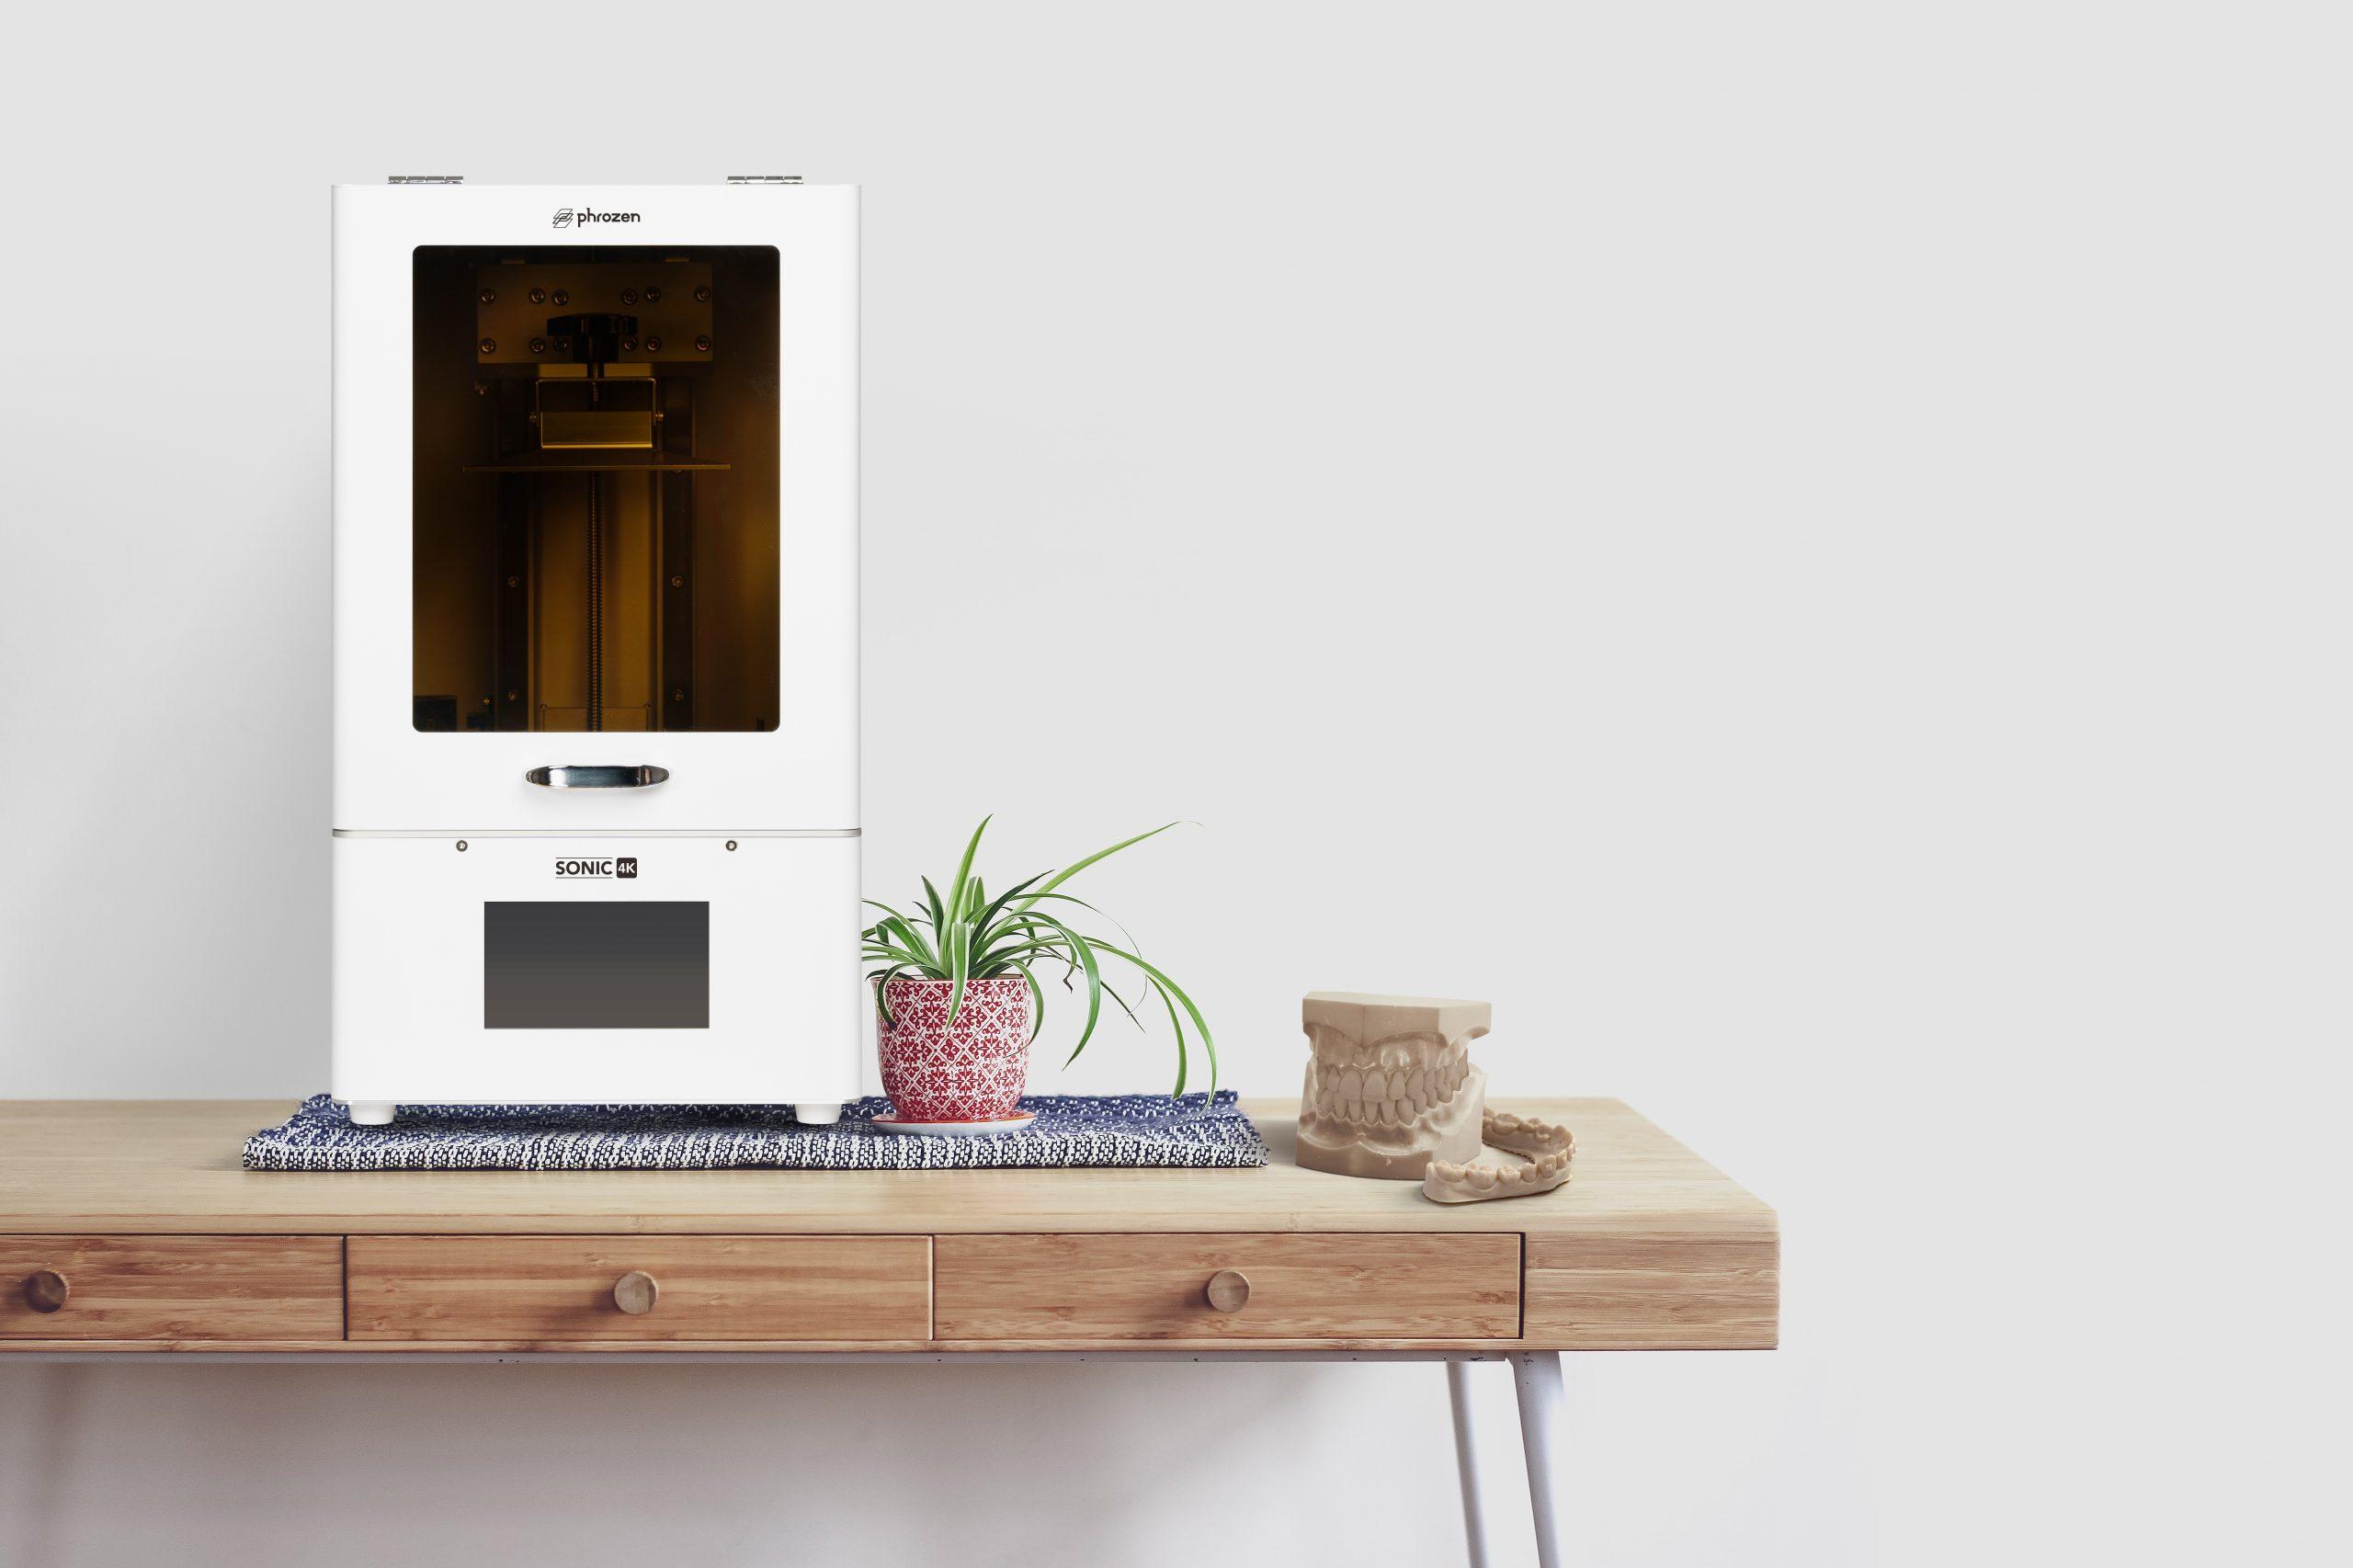 Phrozen Sonic 4K resin 3D printer for dentists